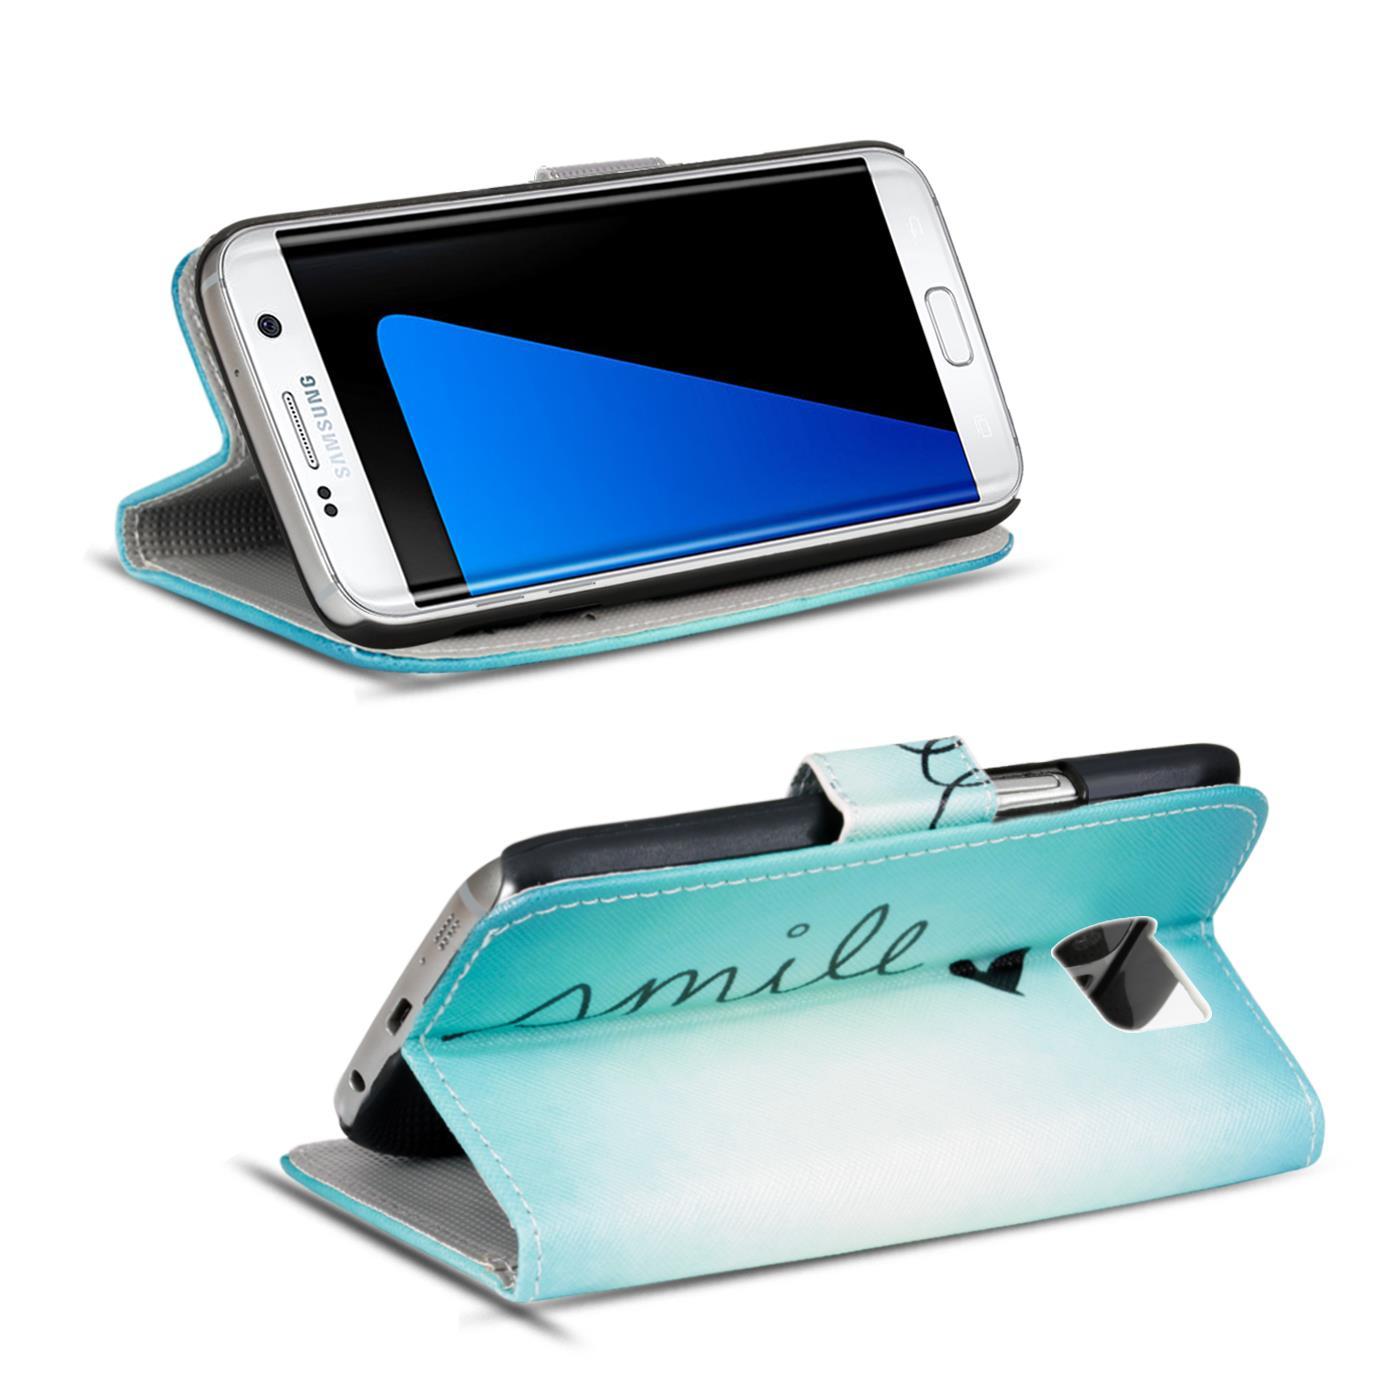 Schutz-Huelle-fuer-Samsung-Galaxy-Handy-Tasche-Flip-Cover-Wallet-Etui-Case-Schale Indexbild 29